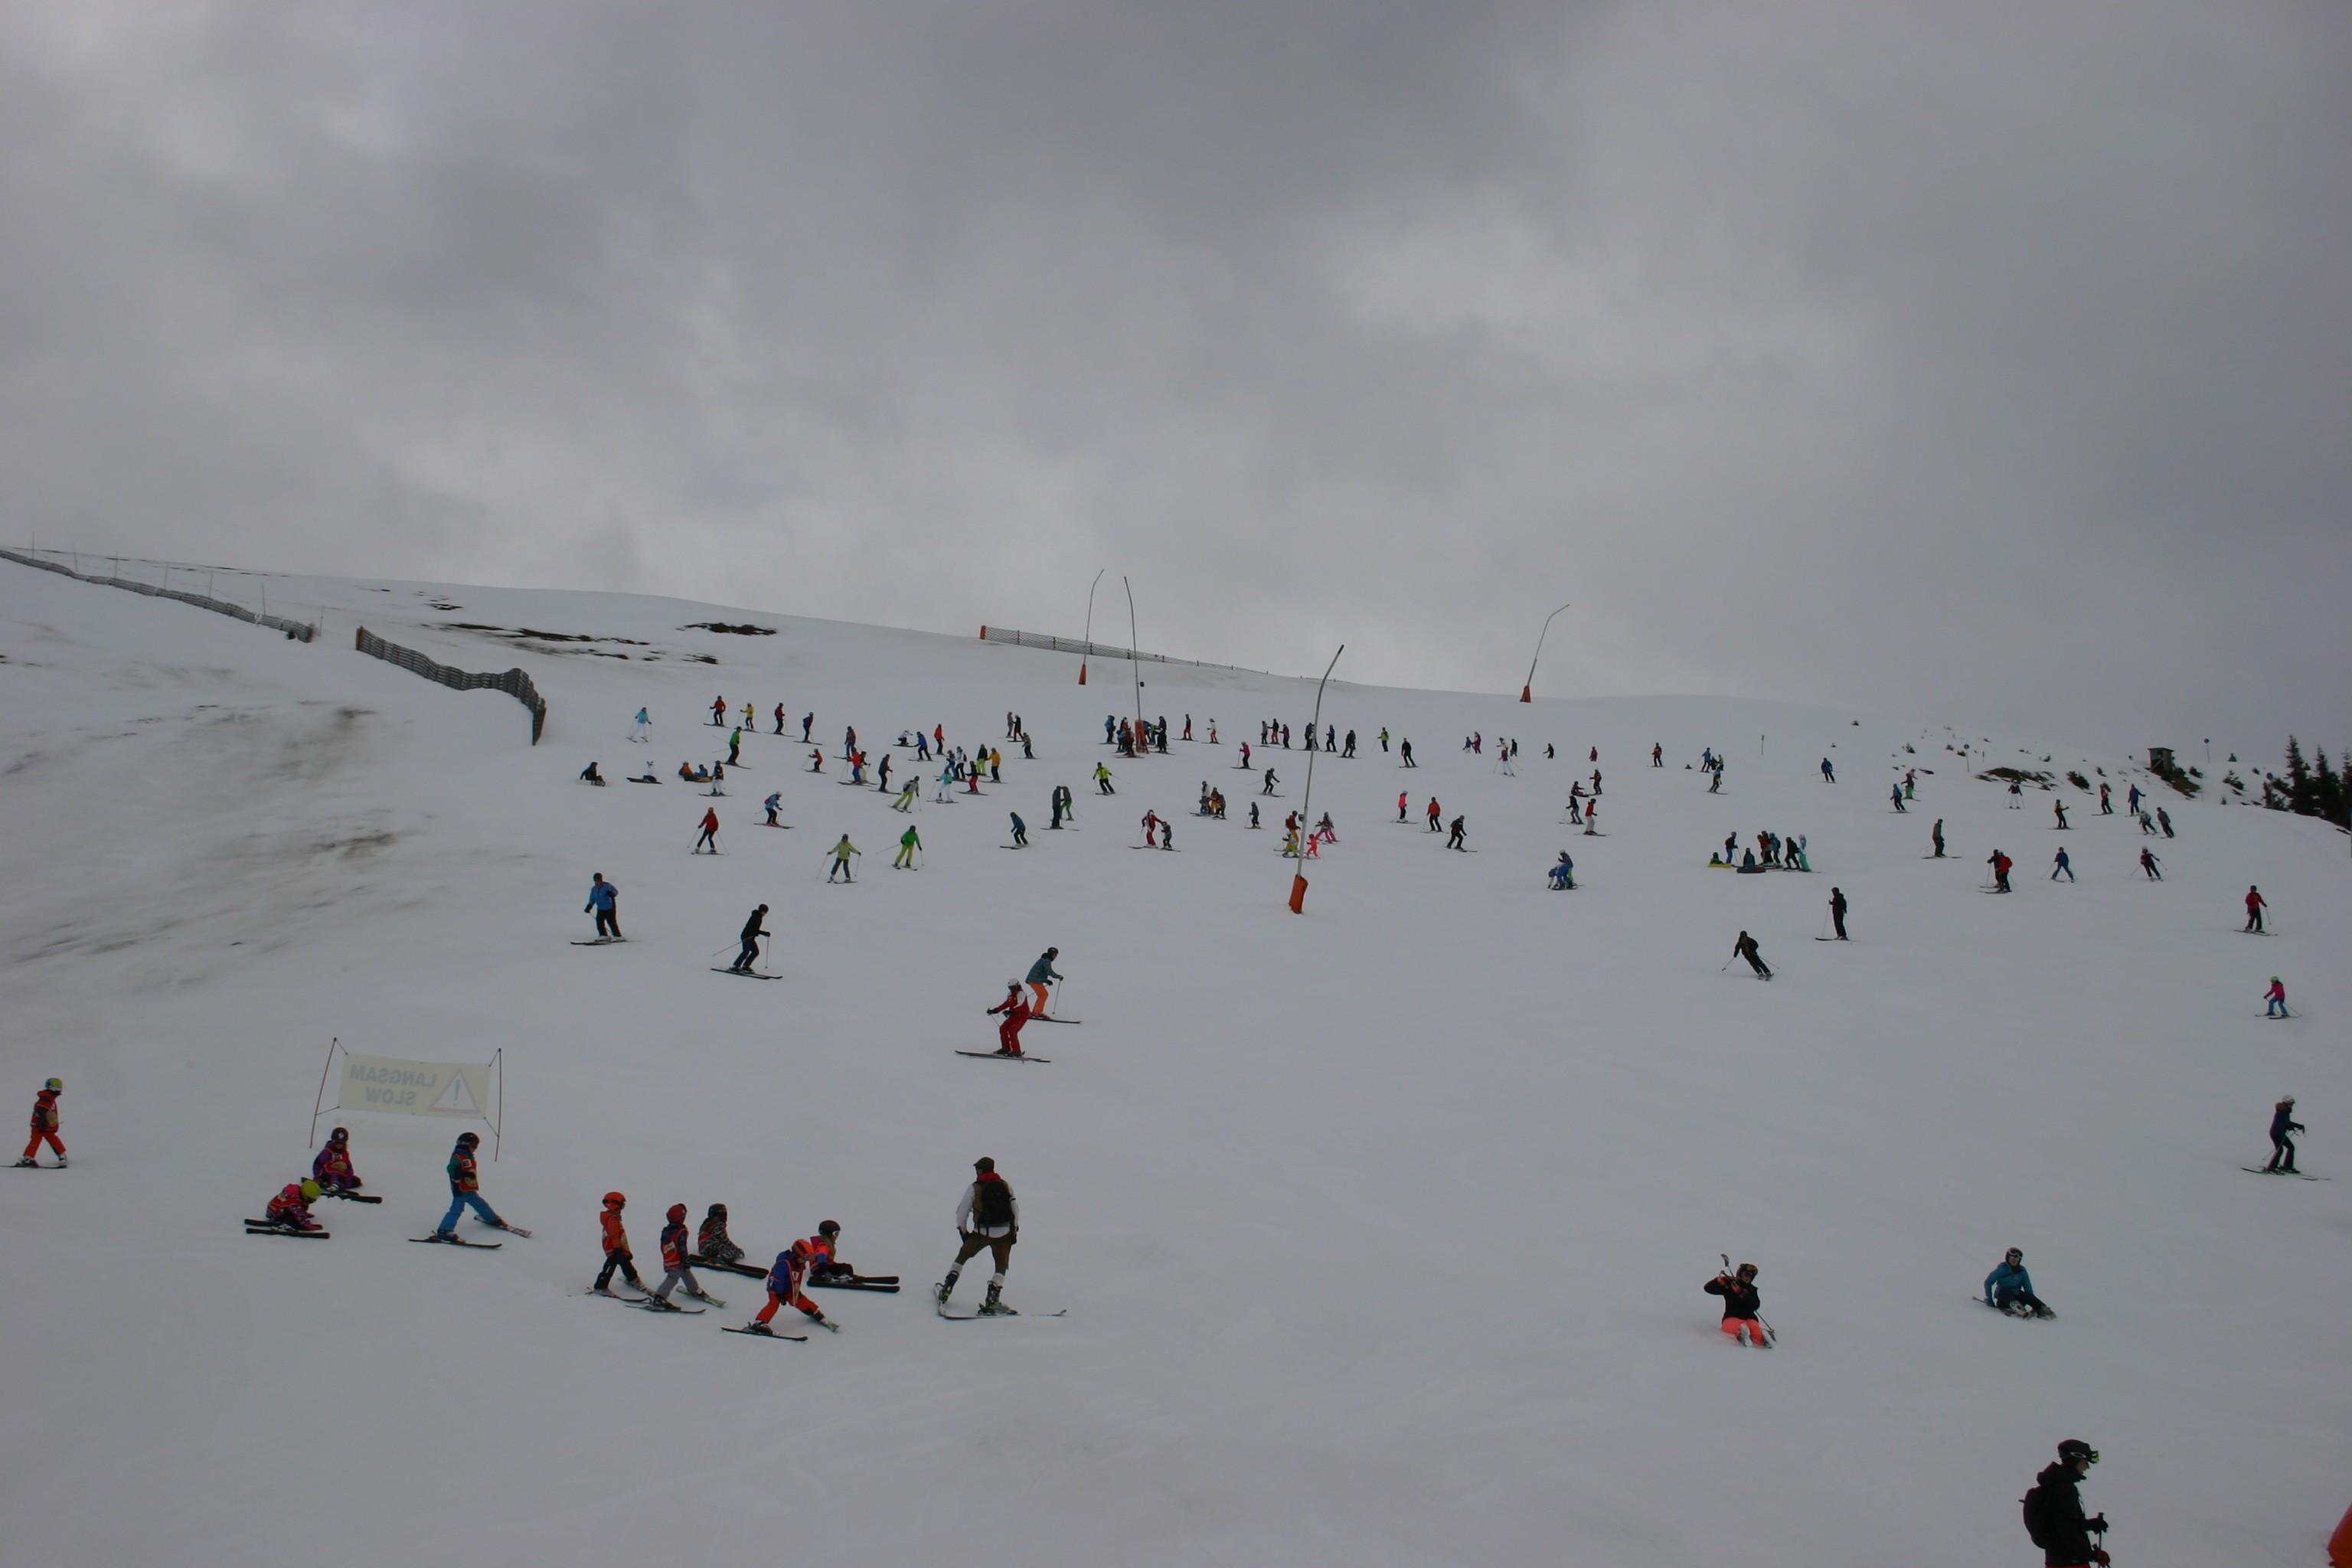 Kitzbüheler Alpen 313 - Dag 5